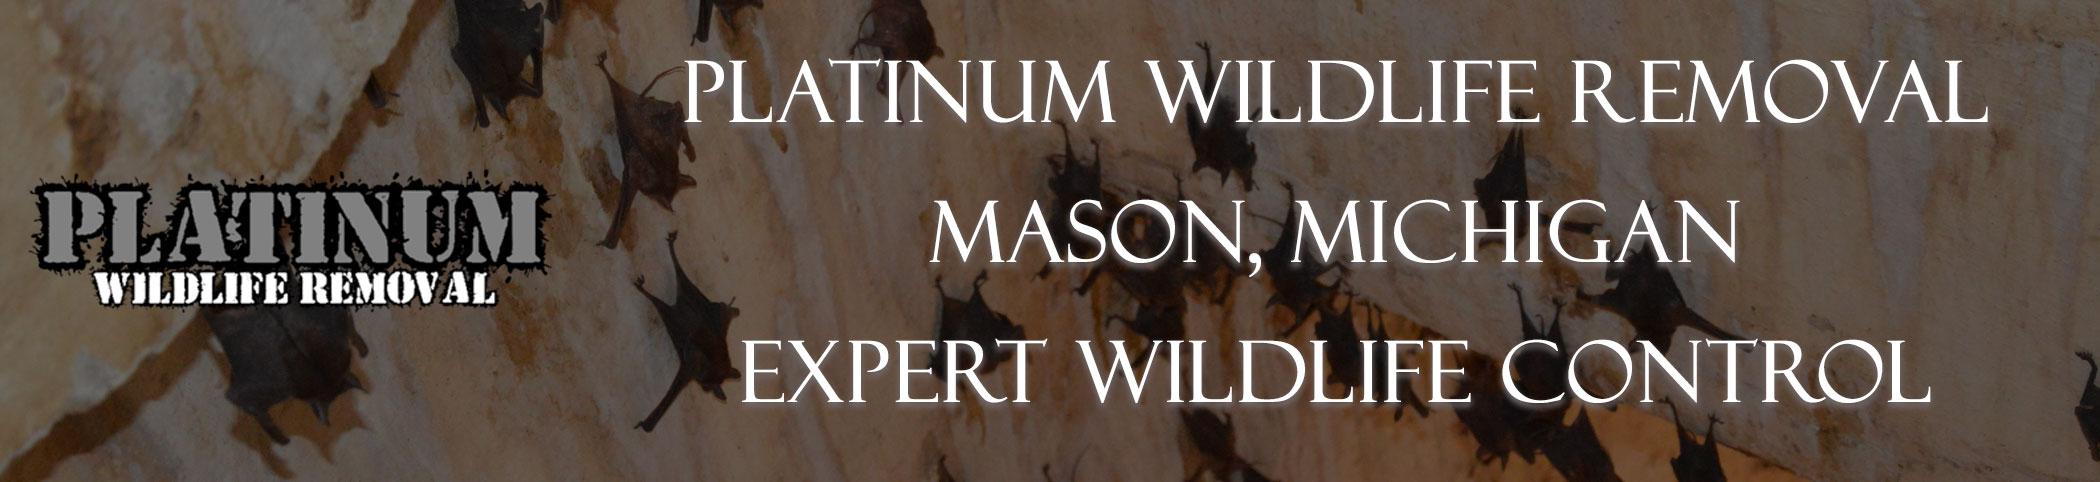 Mason-Michigan-Bat-Removal-header-Image